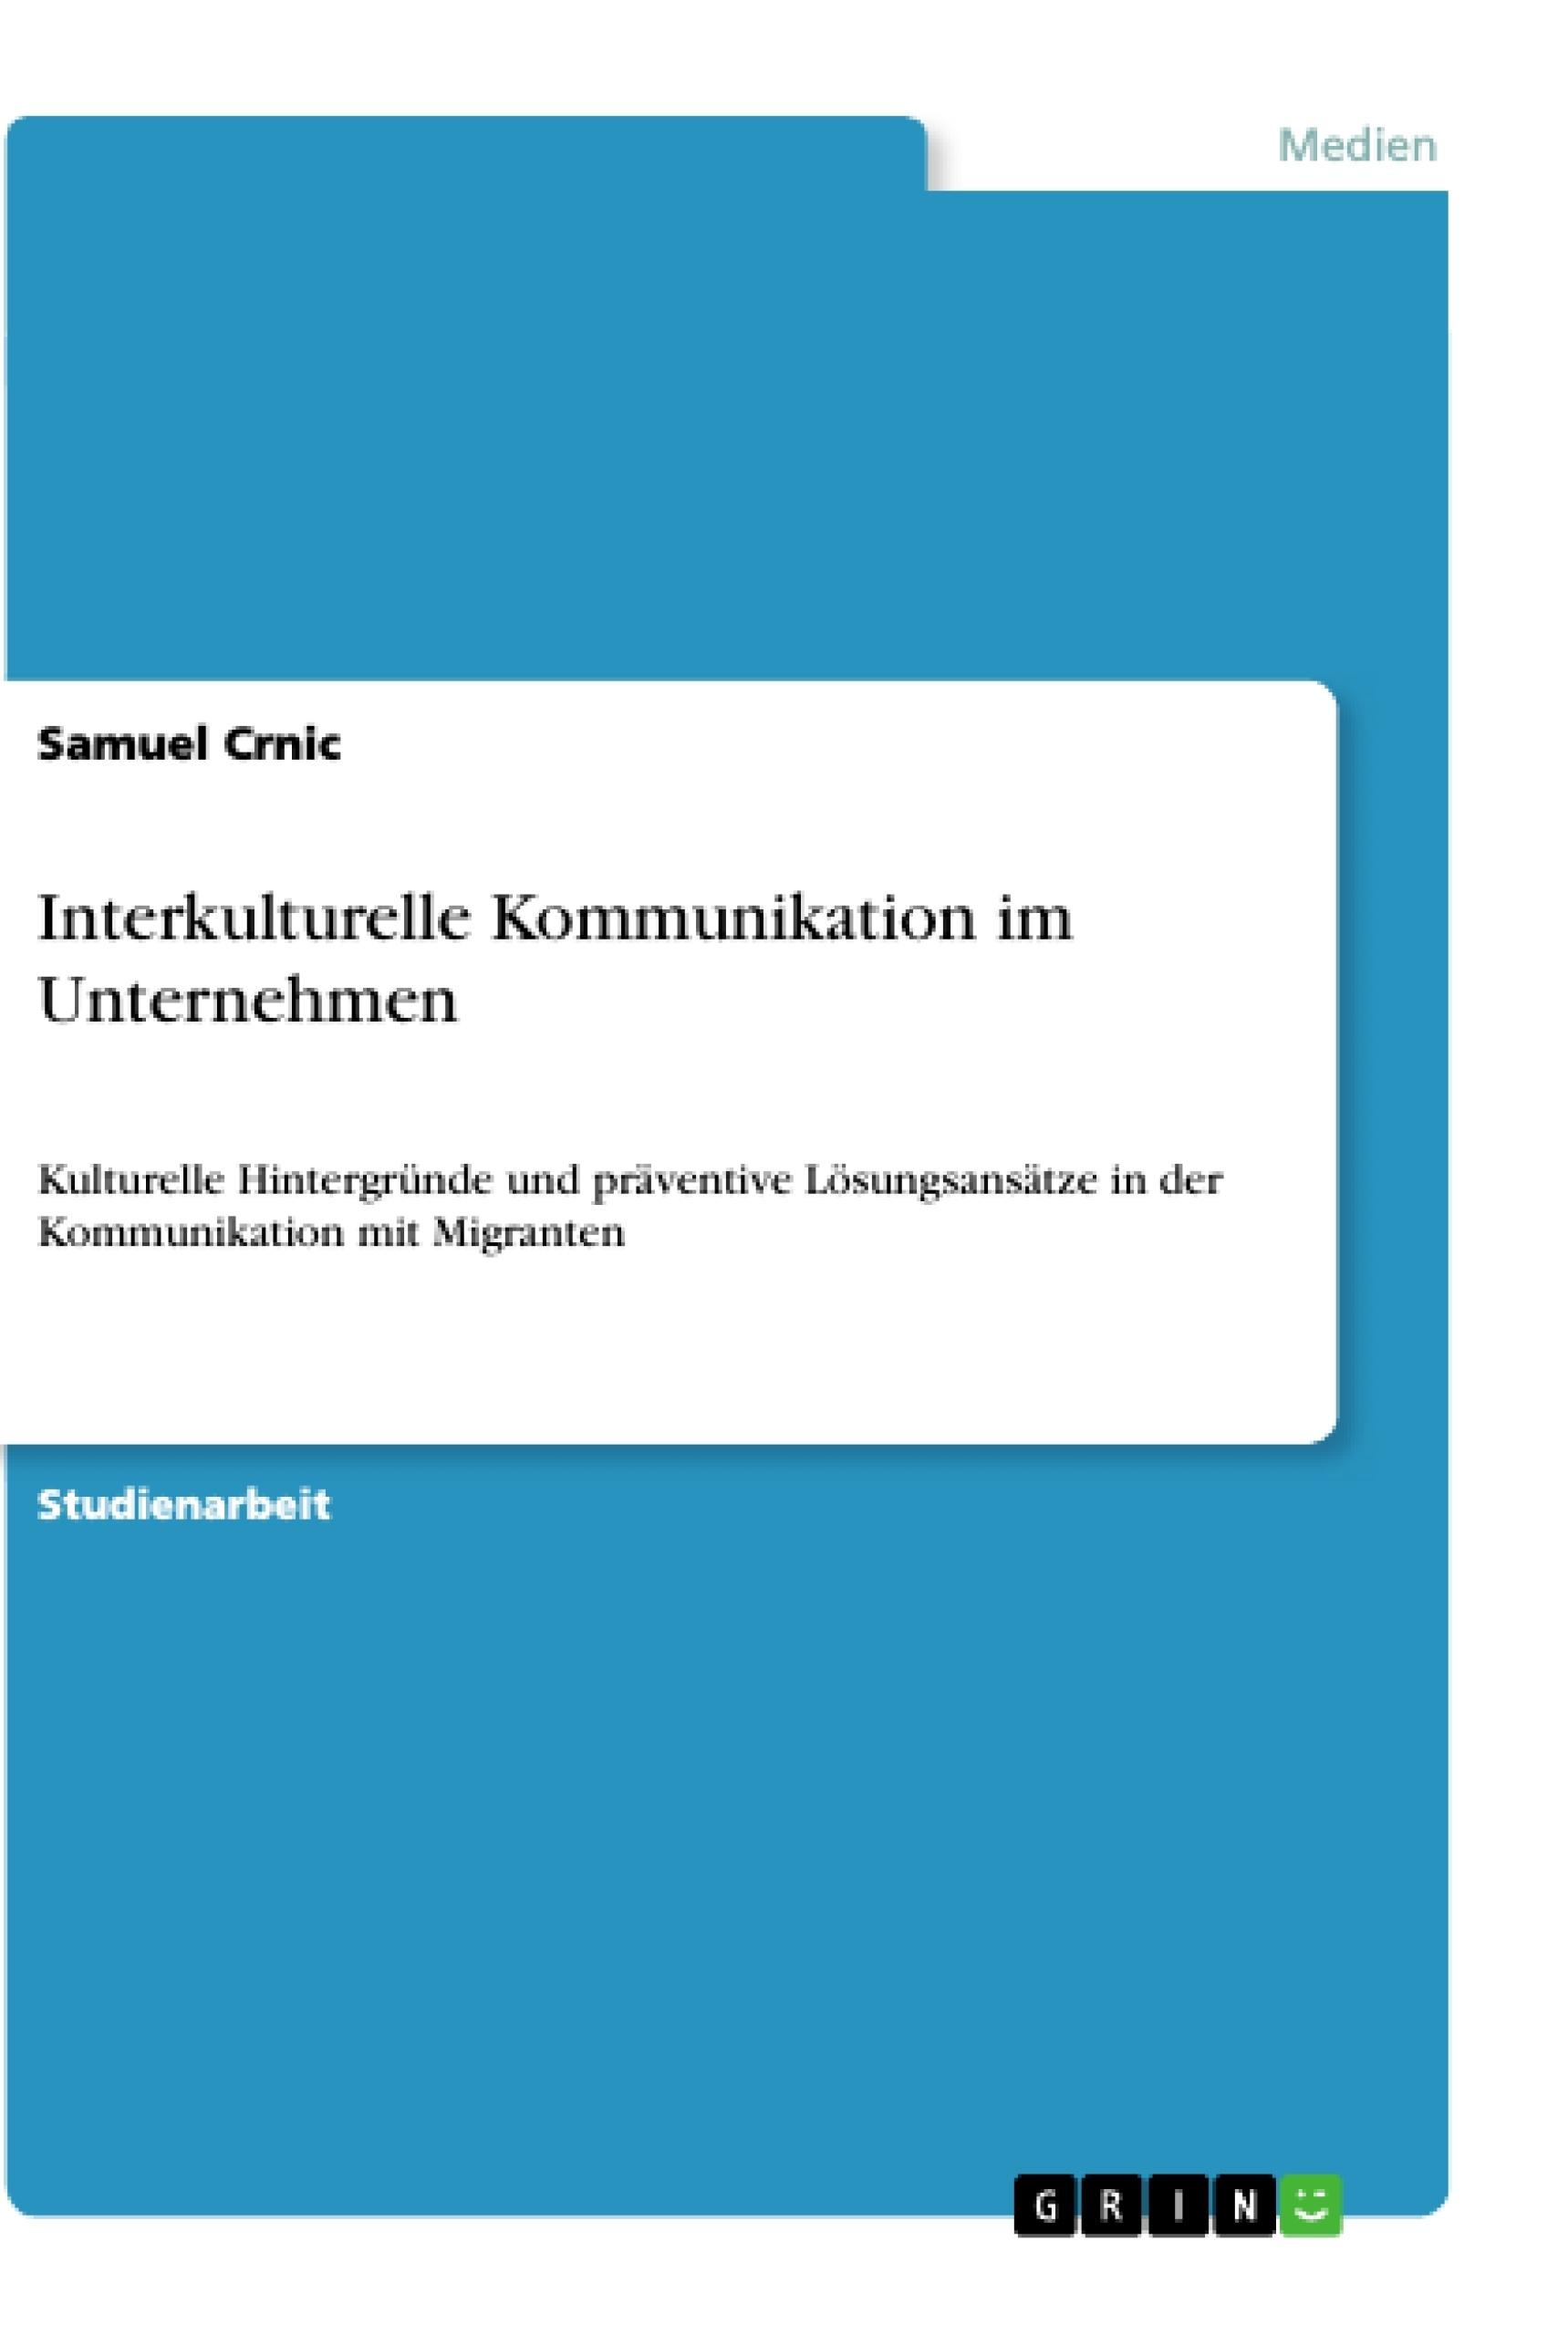 Titel: Interkulturelle Kommunikation im Unternehmen